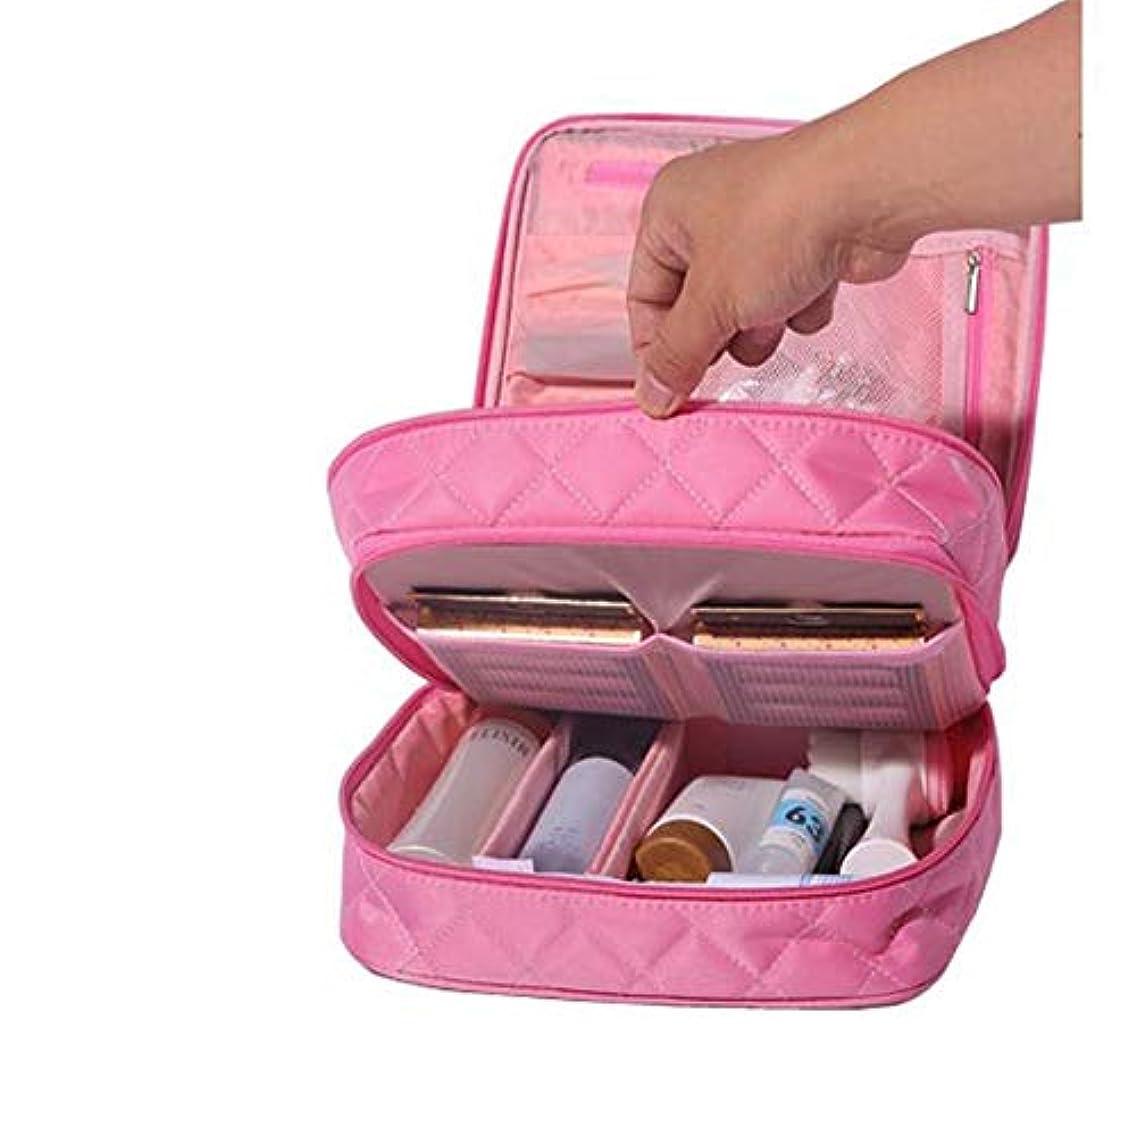 北極圏返済変動する特大スペース収納ビューティーボックス 化粧品袋、携帯用旅行化粧品の箱、化粧品の箱、収納箱、調節可能なディバイダーが付いている小型化粧の電車箱、化粧品の化粧筆、化粧品 化粧品化粧台 (色 : ピンク)